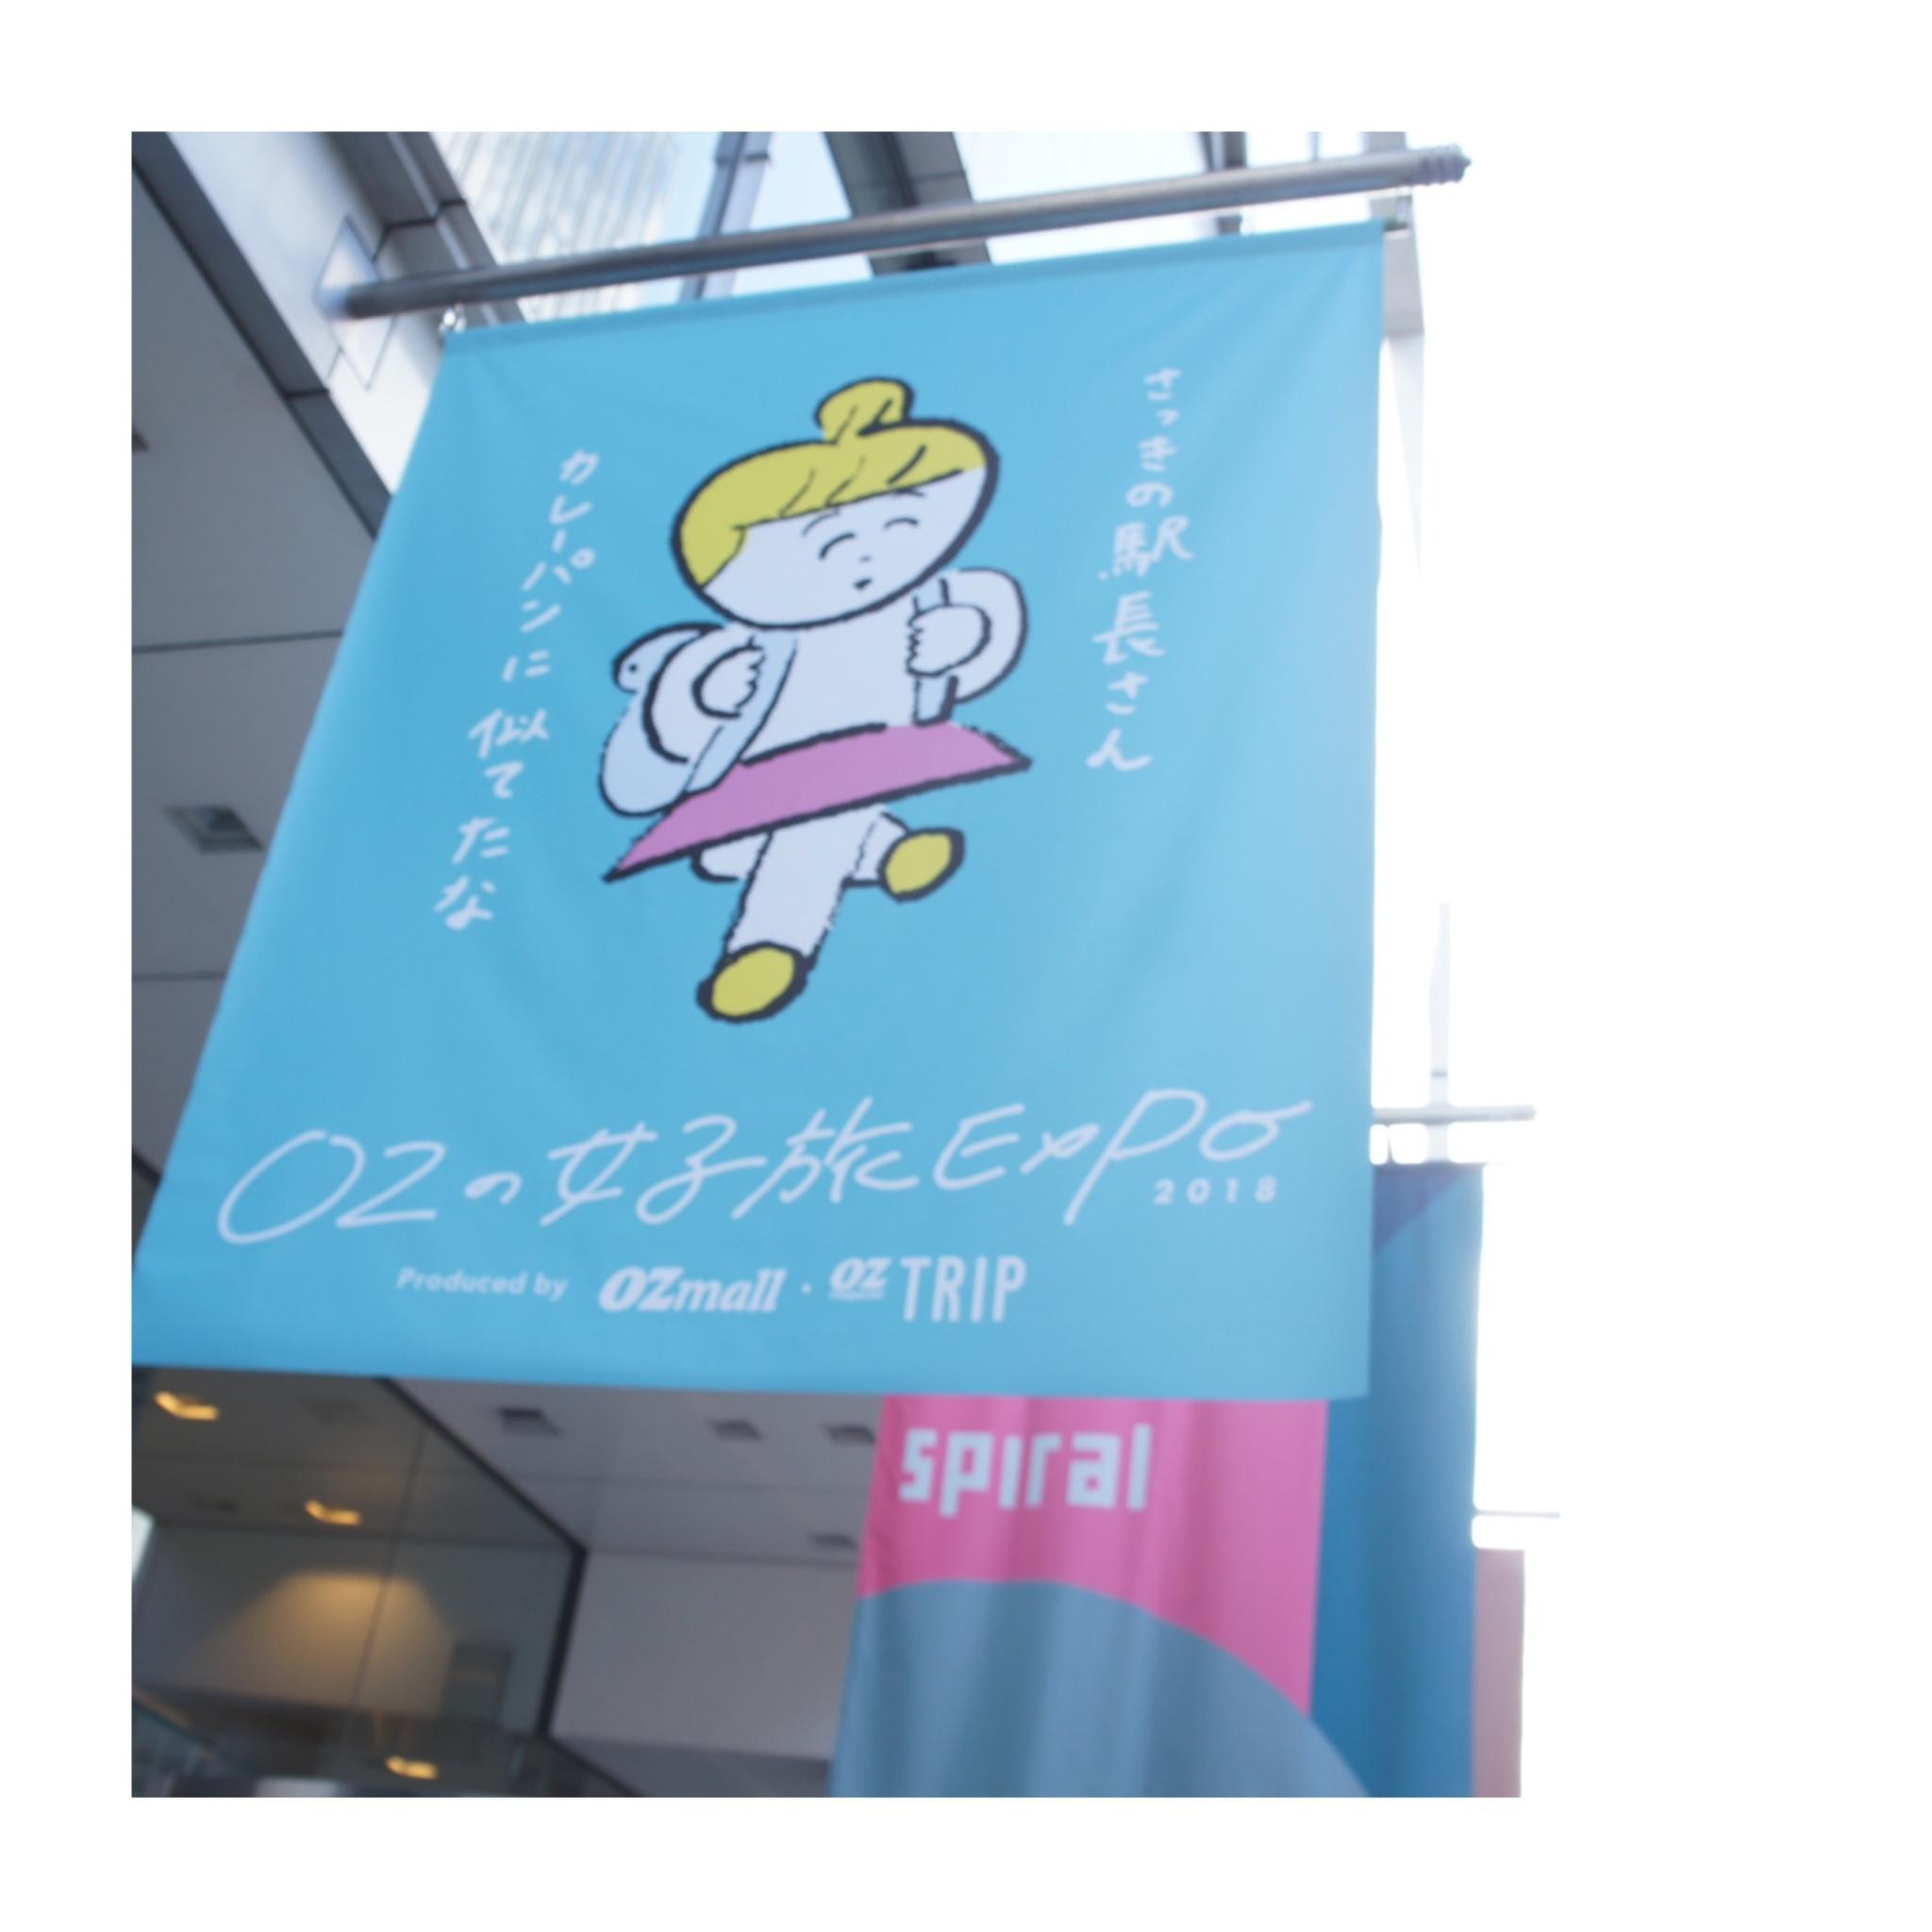 《ご当地MORE★》名古屋に行ったら食べたい❤️【BUCYO COFFEE】の小倉トーストが絶品!☻_1